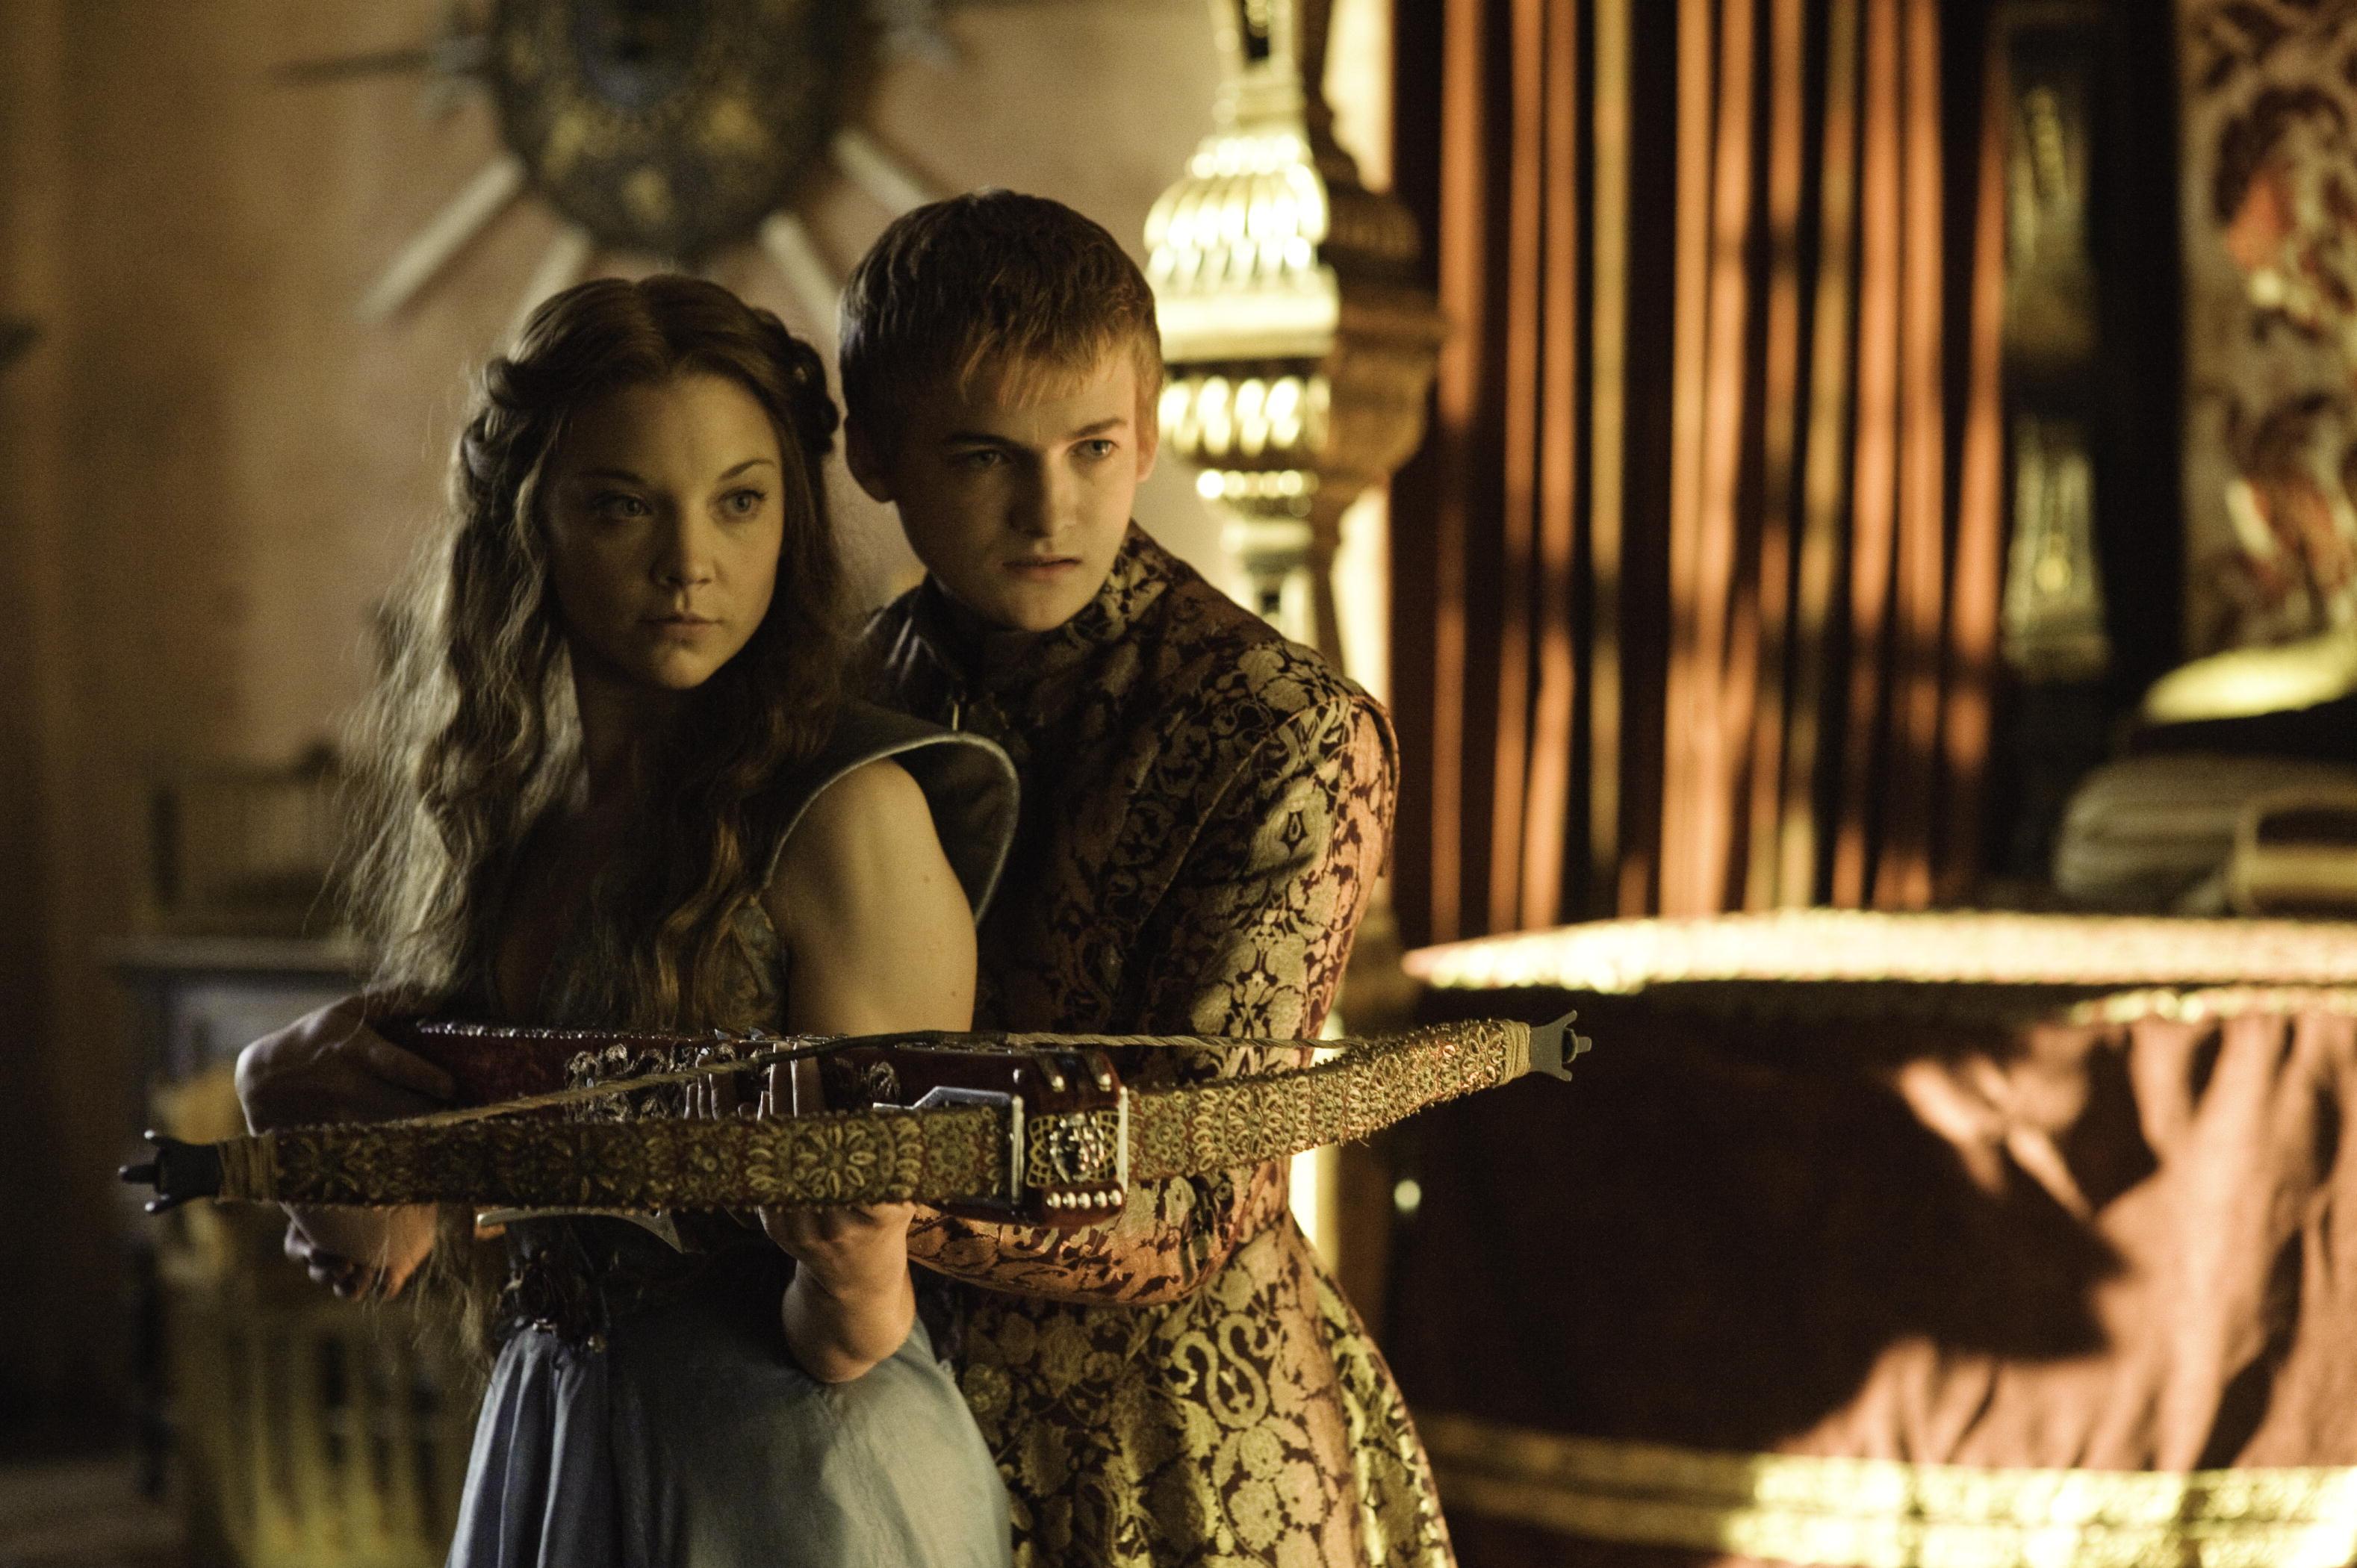 Margaery Tyrell Margaery Tyrell S3Natalie Dormer Margaery Tyrell Season 3